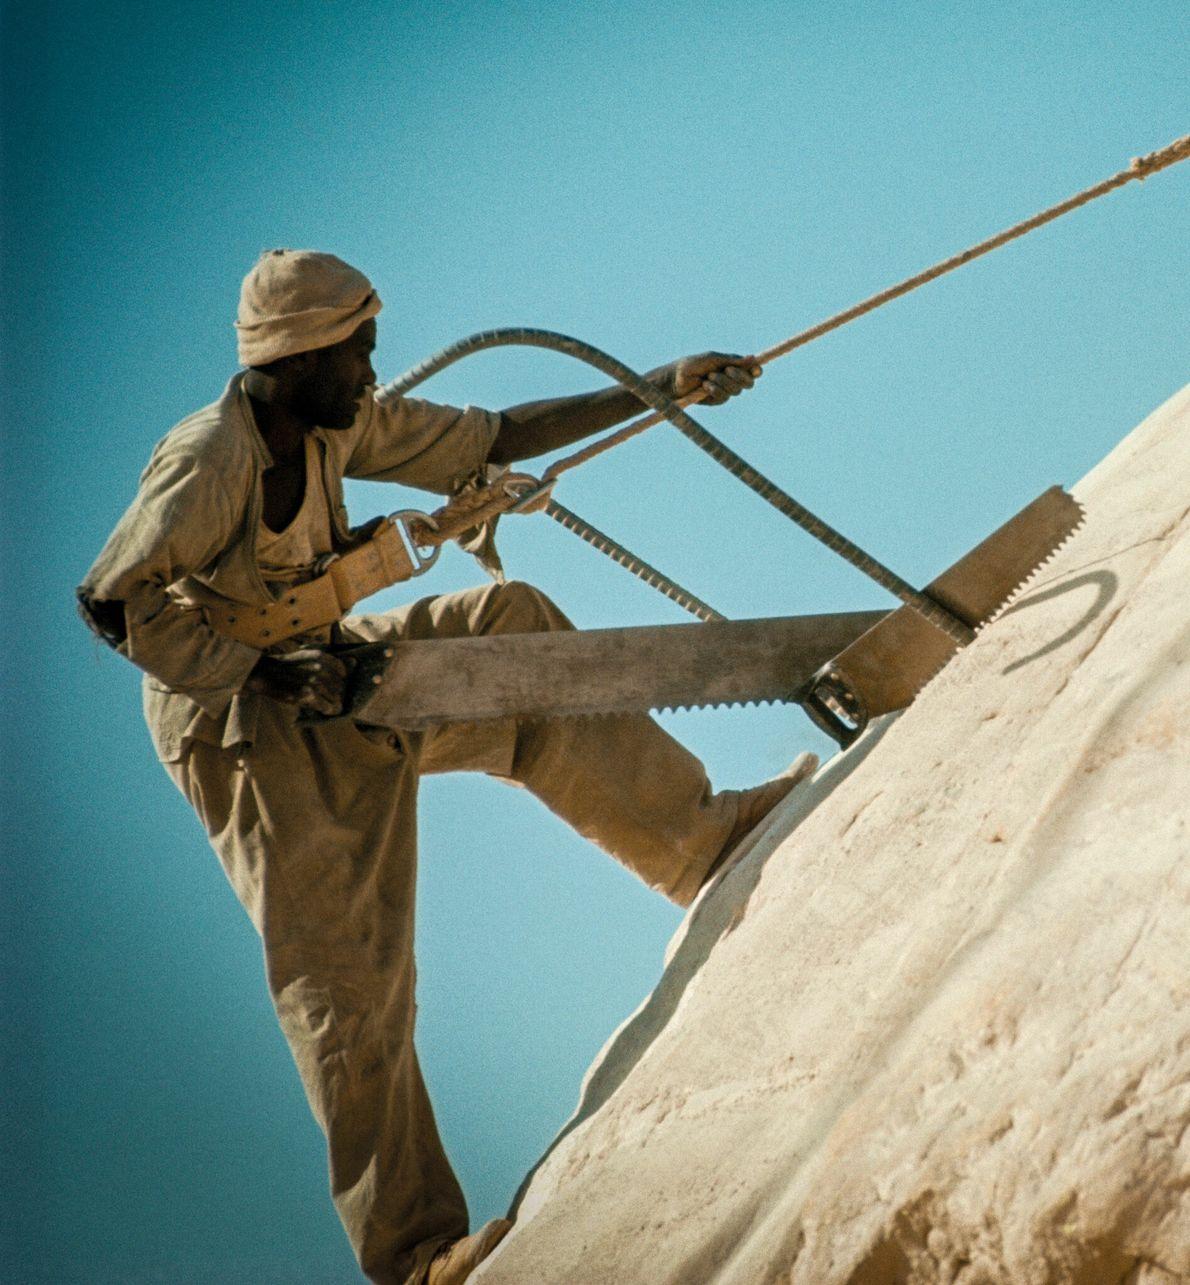 Un tailleur de pierre réalise une incision précise sur l'extérieur d'un temple d'Abou Simbel à l'aide d'une ...